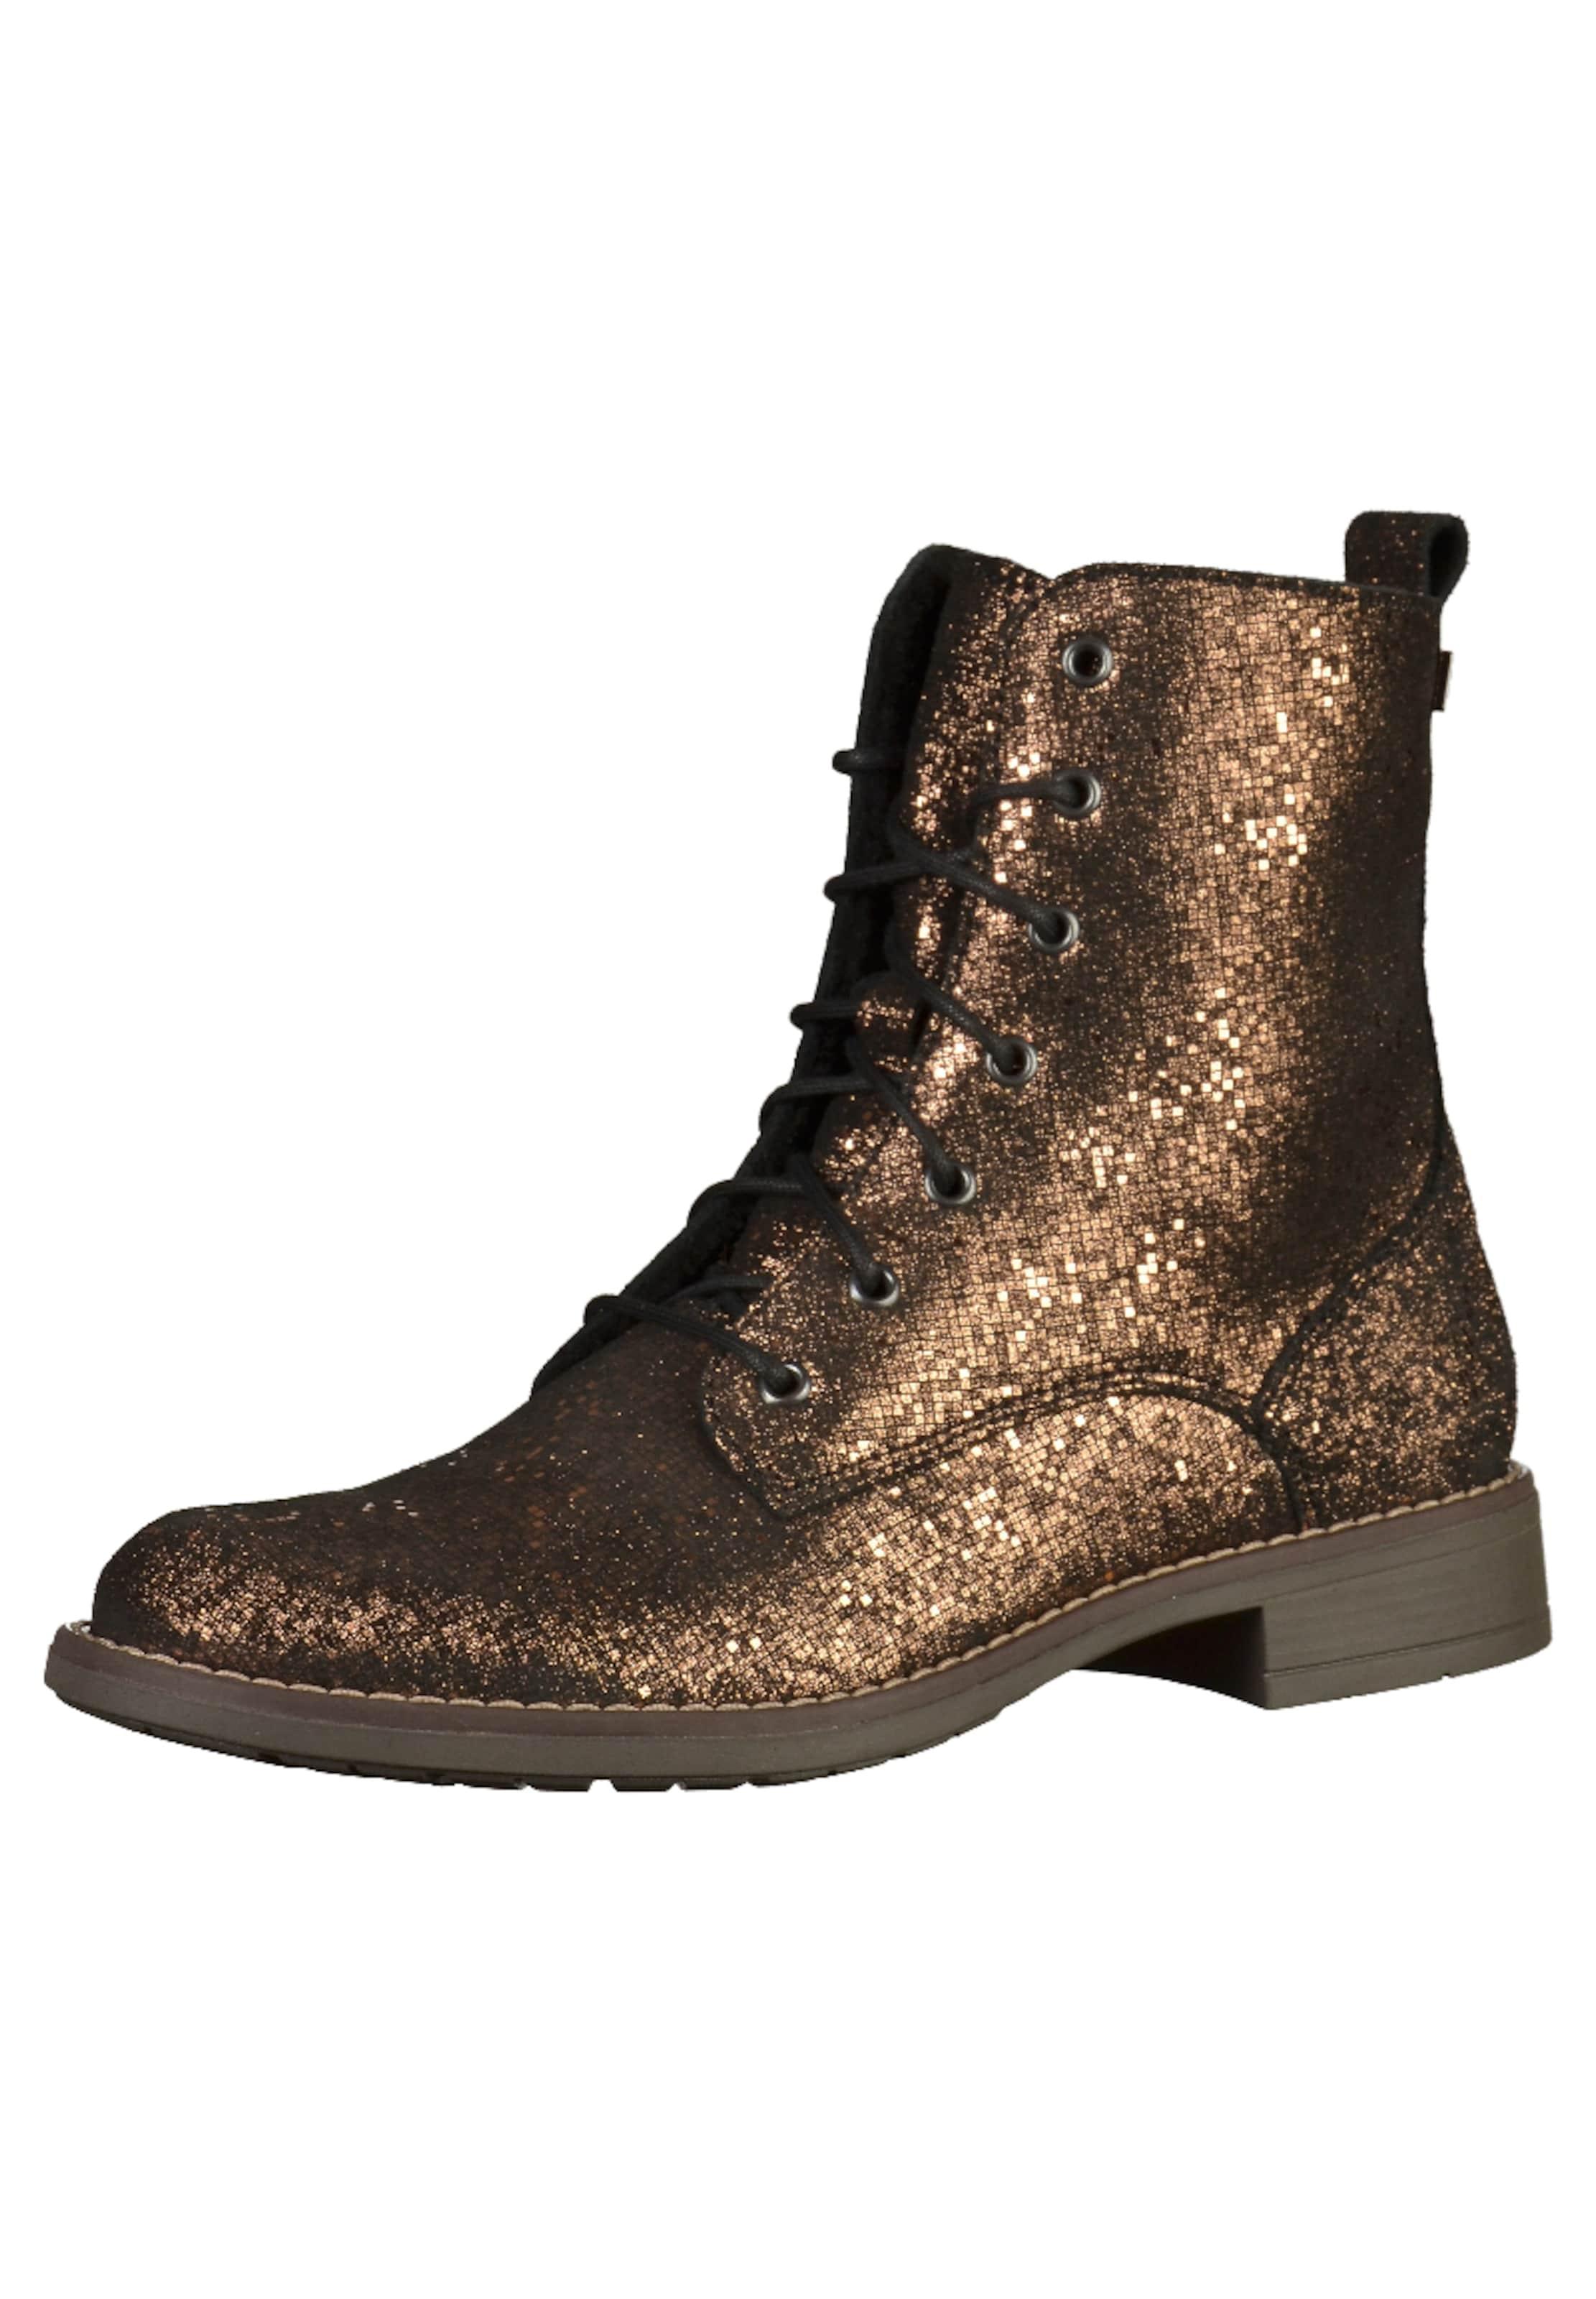 RICHTER Stiefelette Verschleißfeste billige Schuhe Hohe Qualität